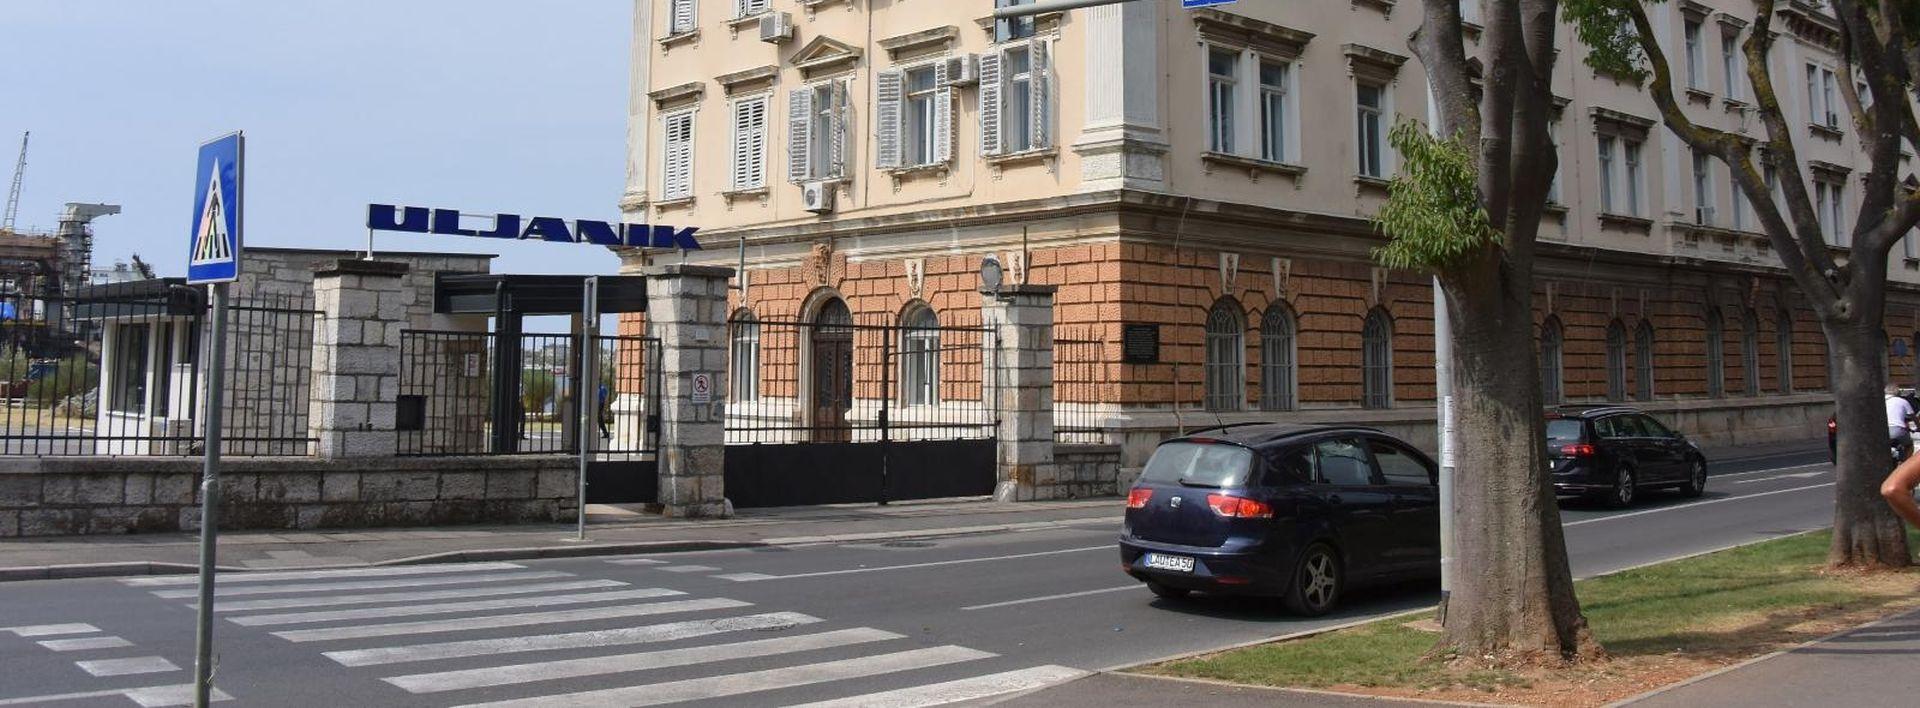 Srpanjske plaće za radnike Uljanika preko kredita komercijalnih banaka?